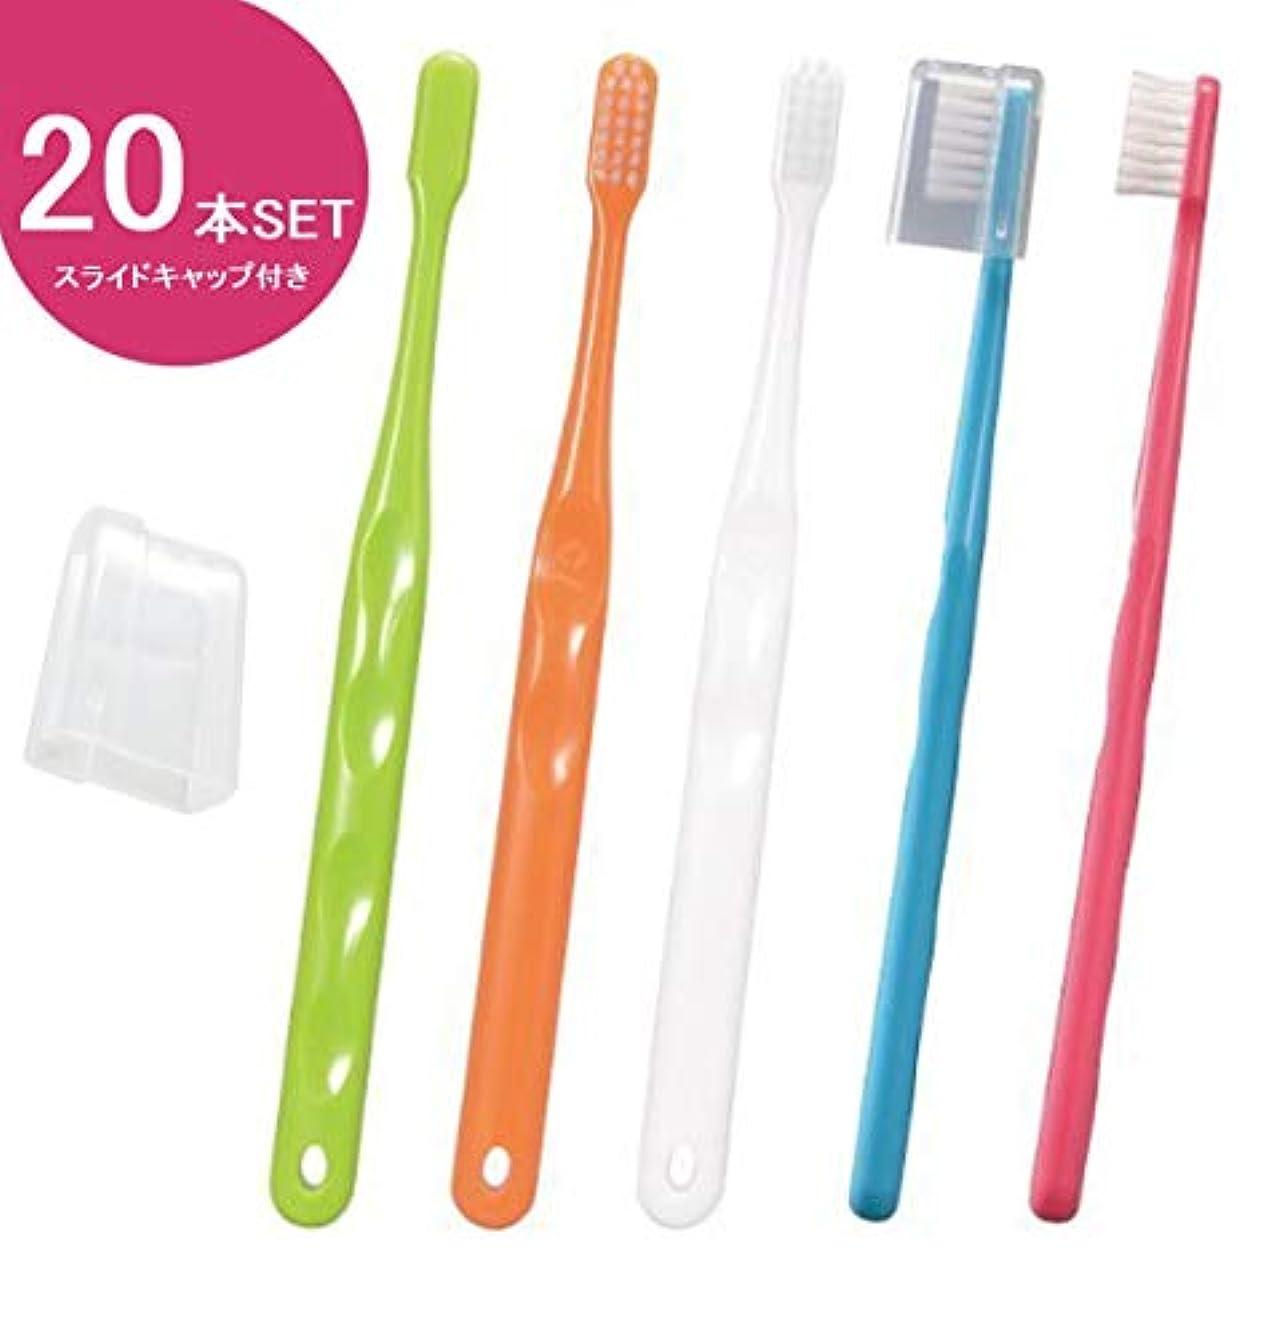 乱闘権威チャットCiメディカル Ci700 (超先細+ラウンド毛) 歯ブラシ S(やわらかめ) スライドキャップ付き 20本